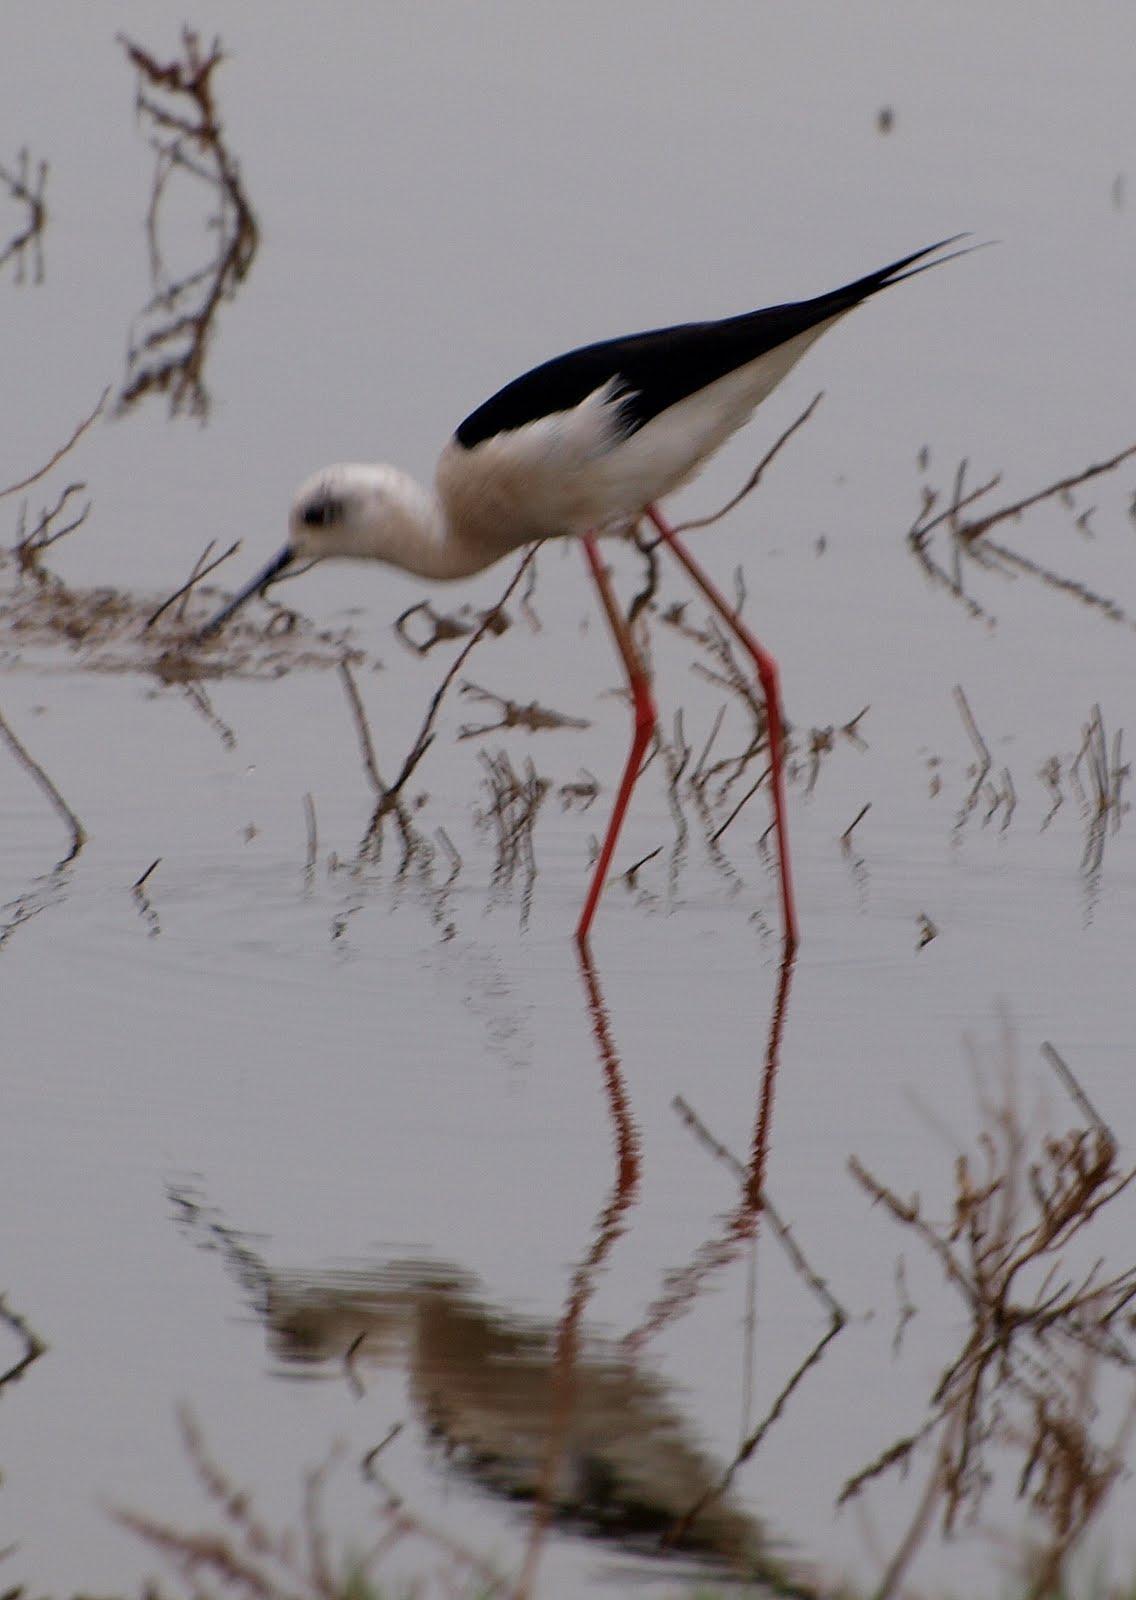 Birding the costa 24 april fuente de piedra - Fuentes de piedra ...